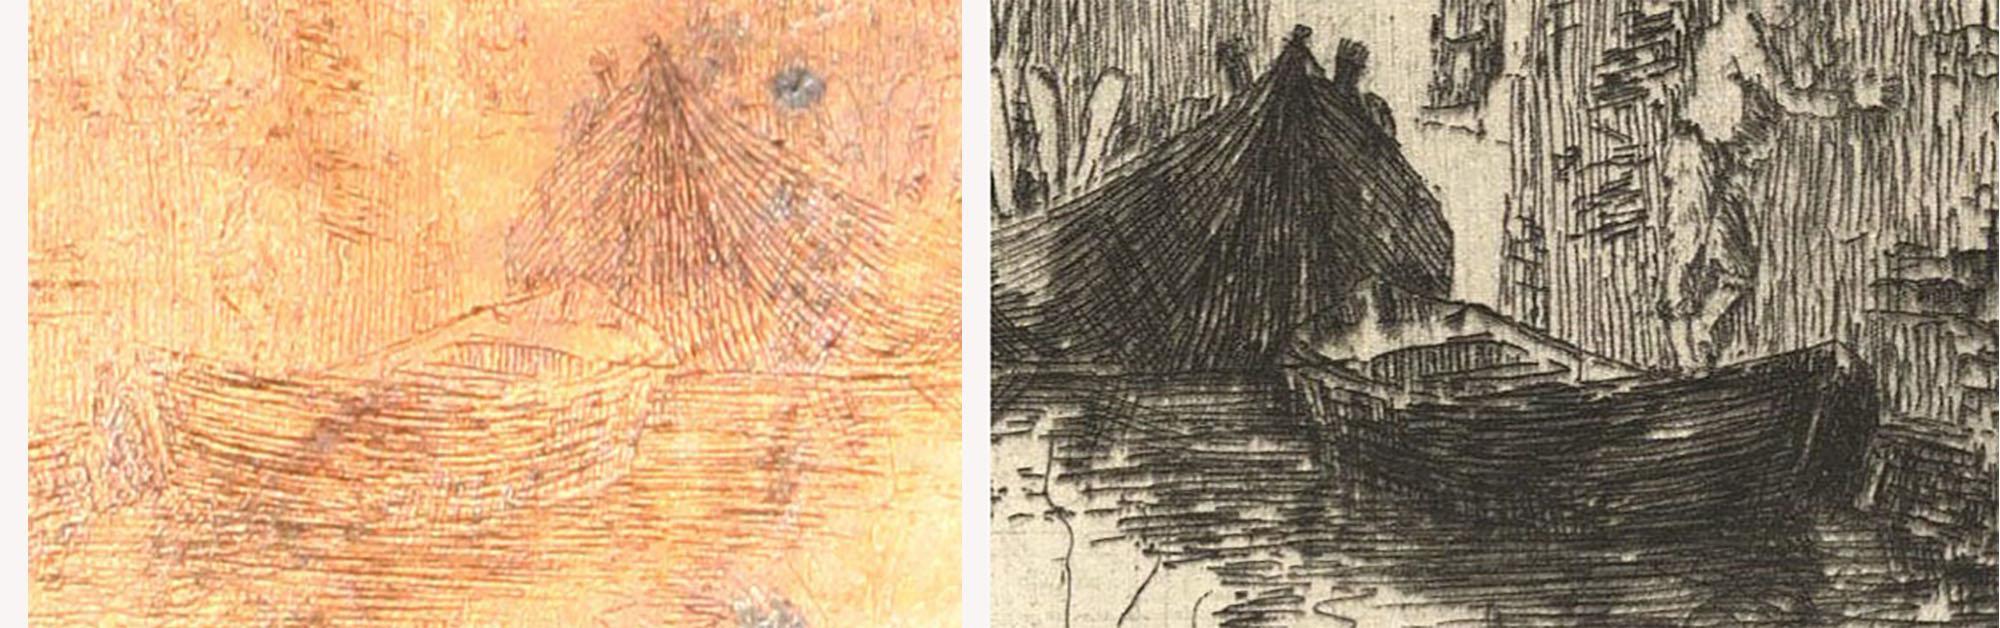 corwin-plate-print-detail.jpg